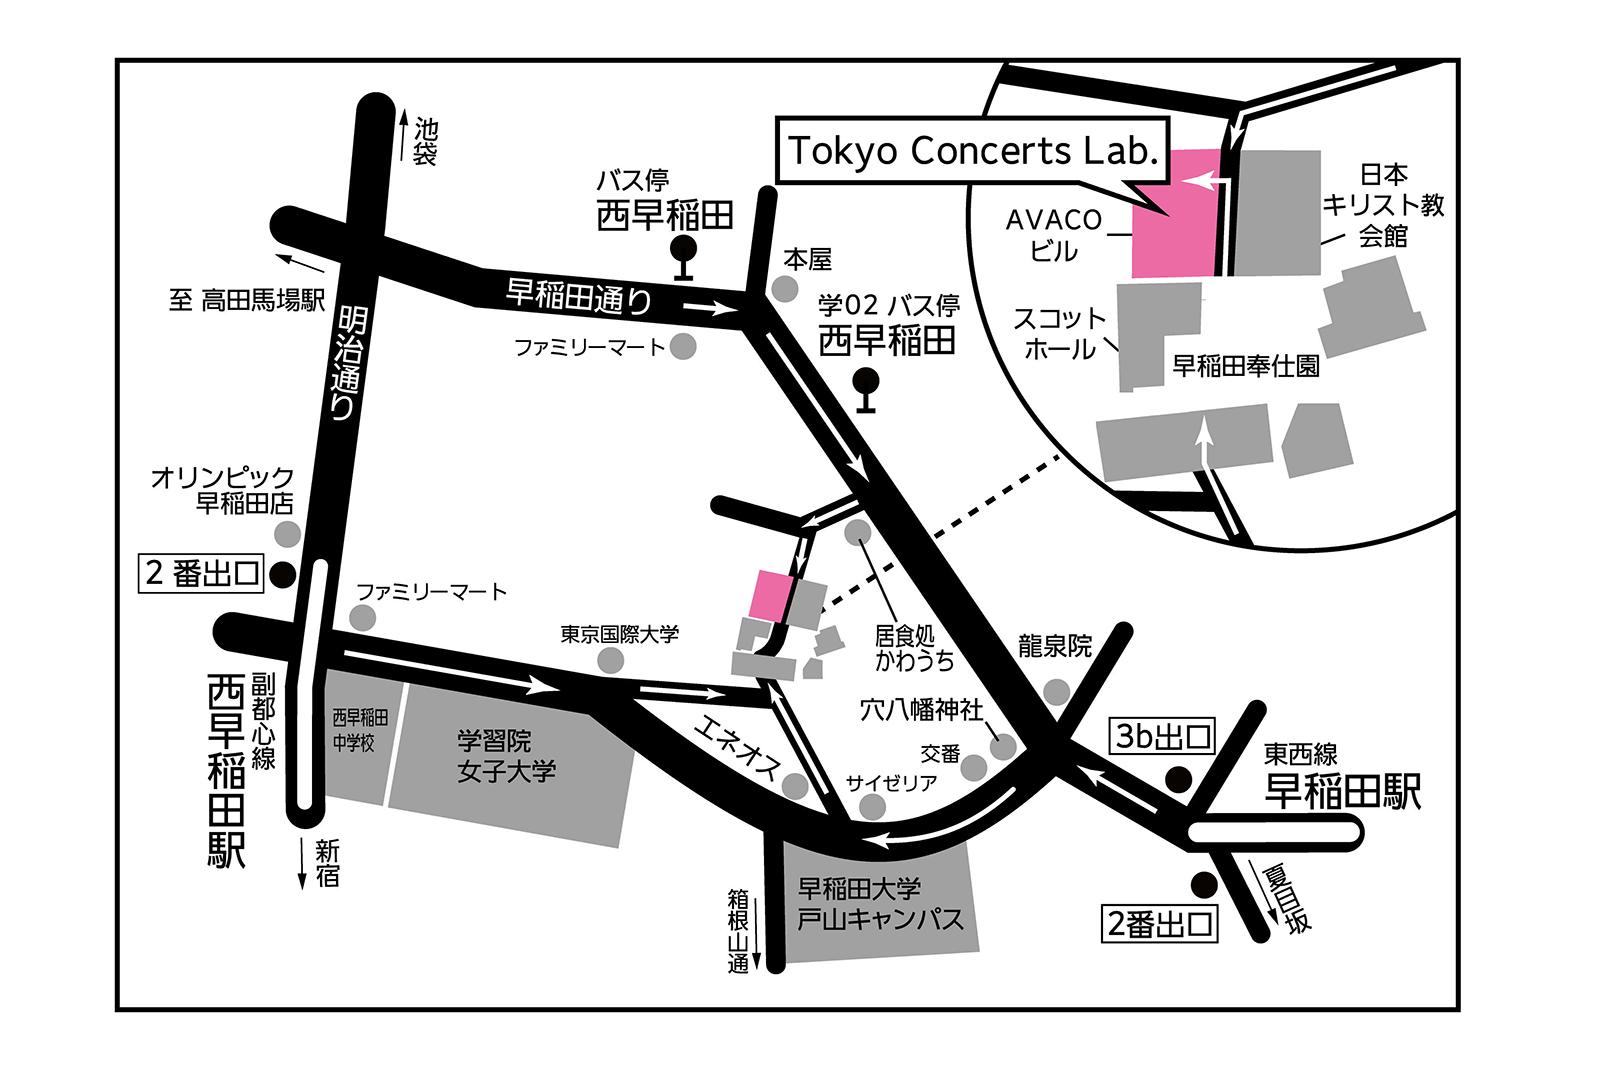 トーキョーコンサーツ・ラボ地図